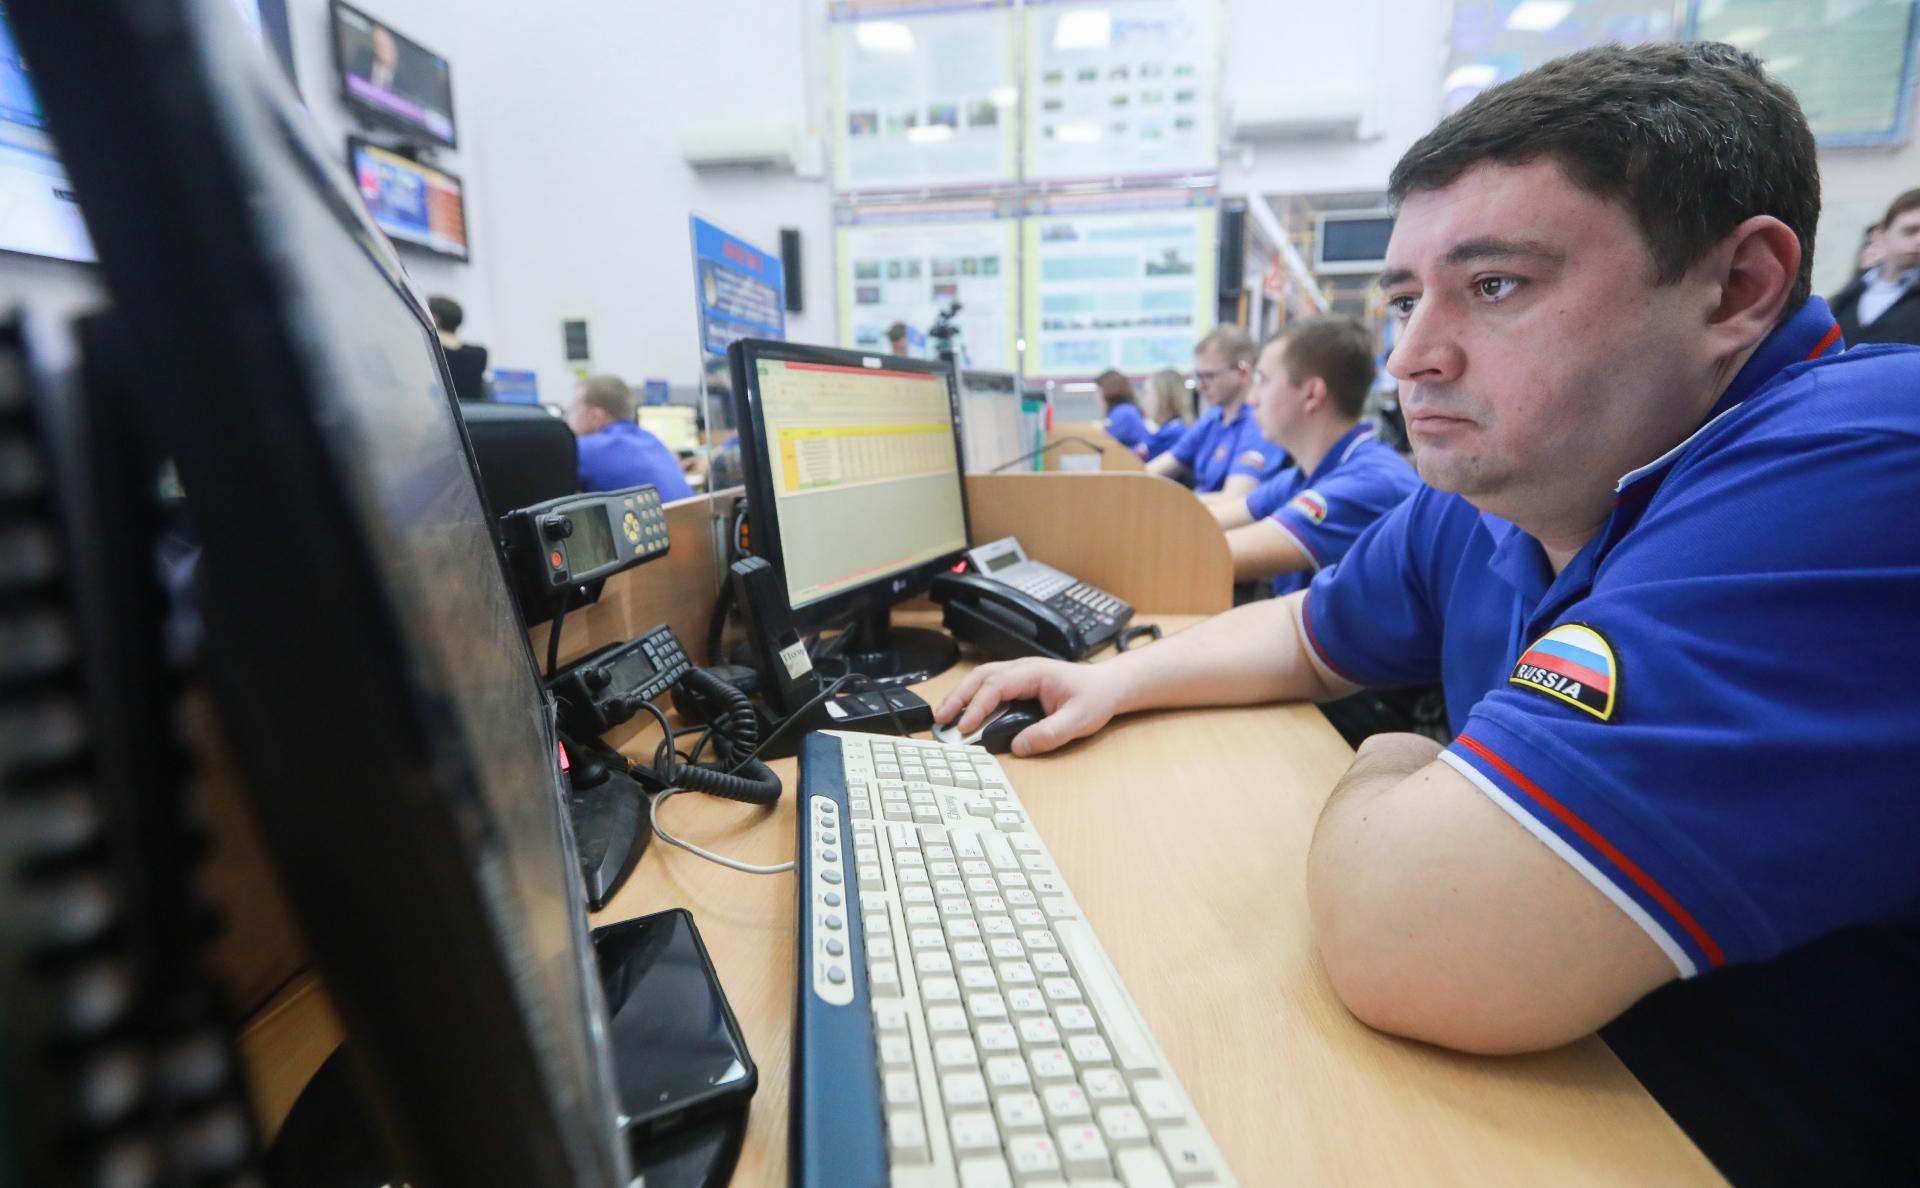 СК отменил тендер на мониторинг «Двач» и блога Навального